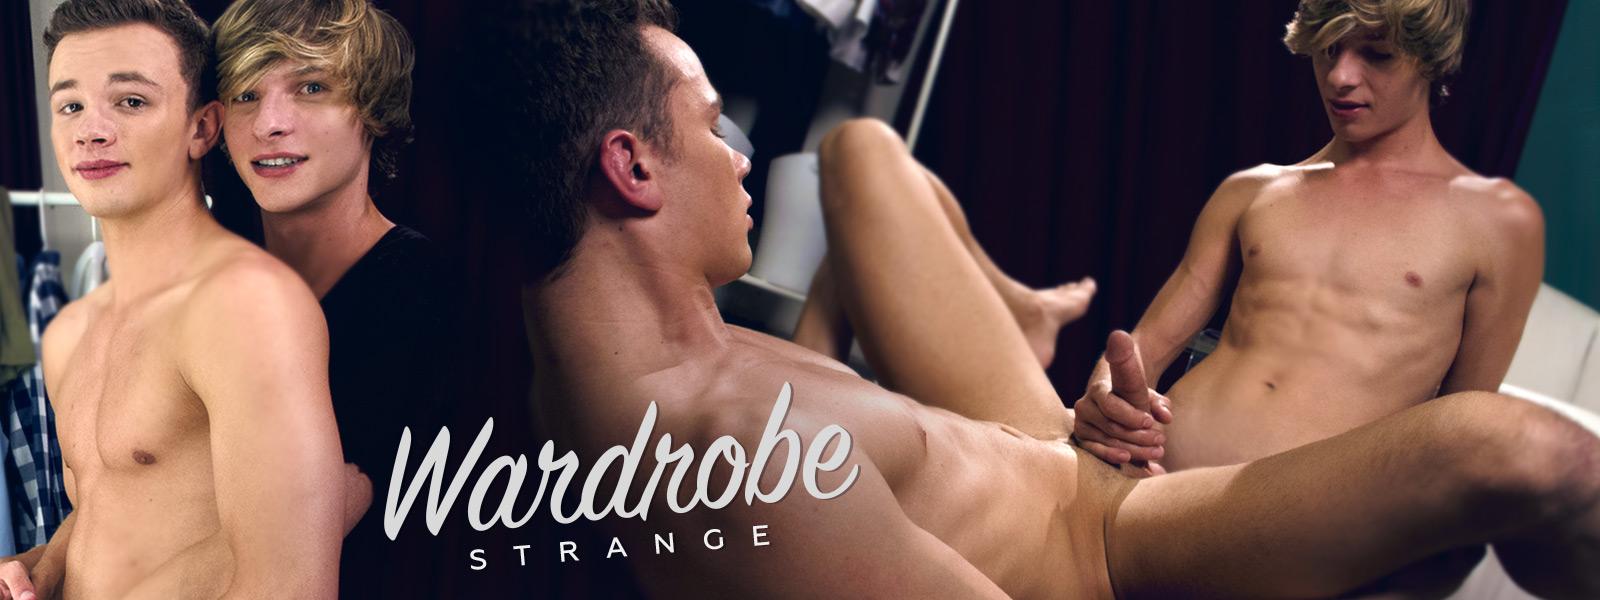 Wardrobe Strange